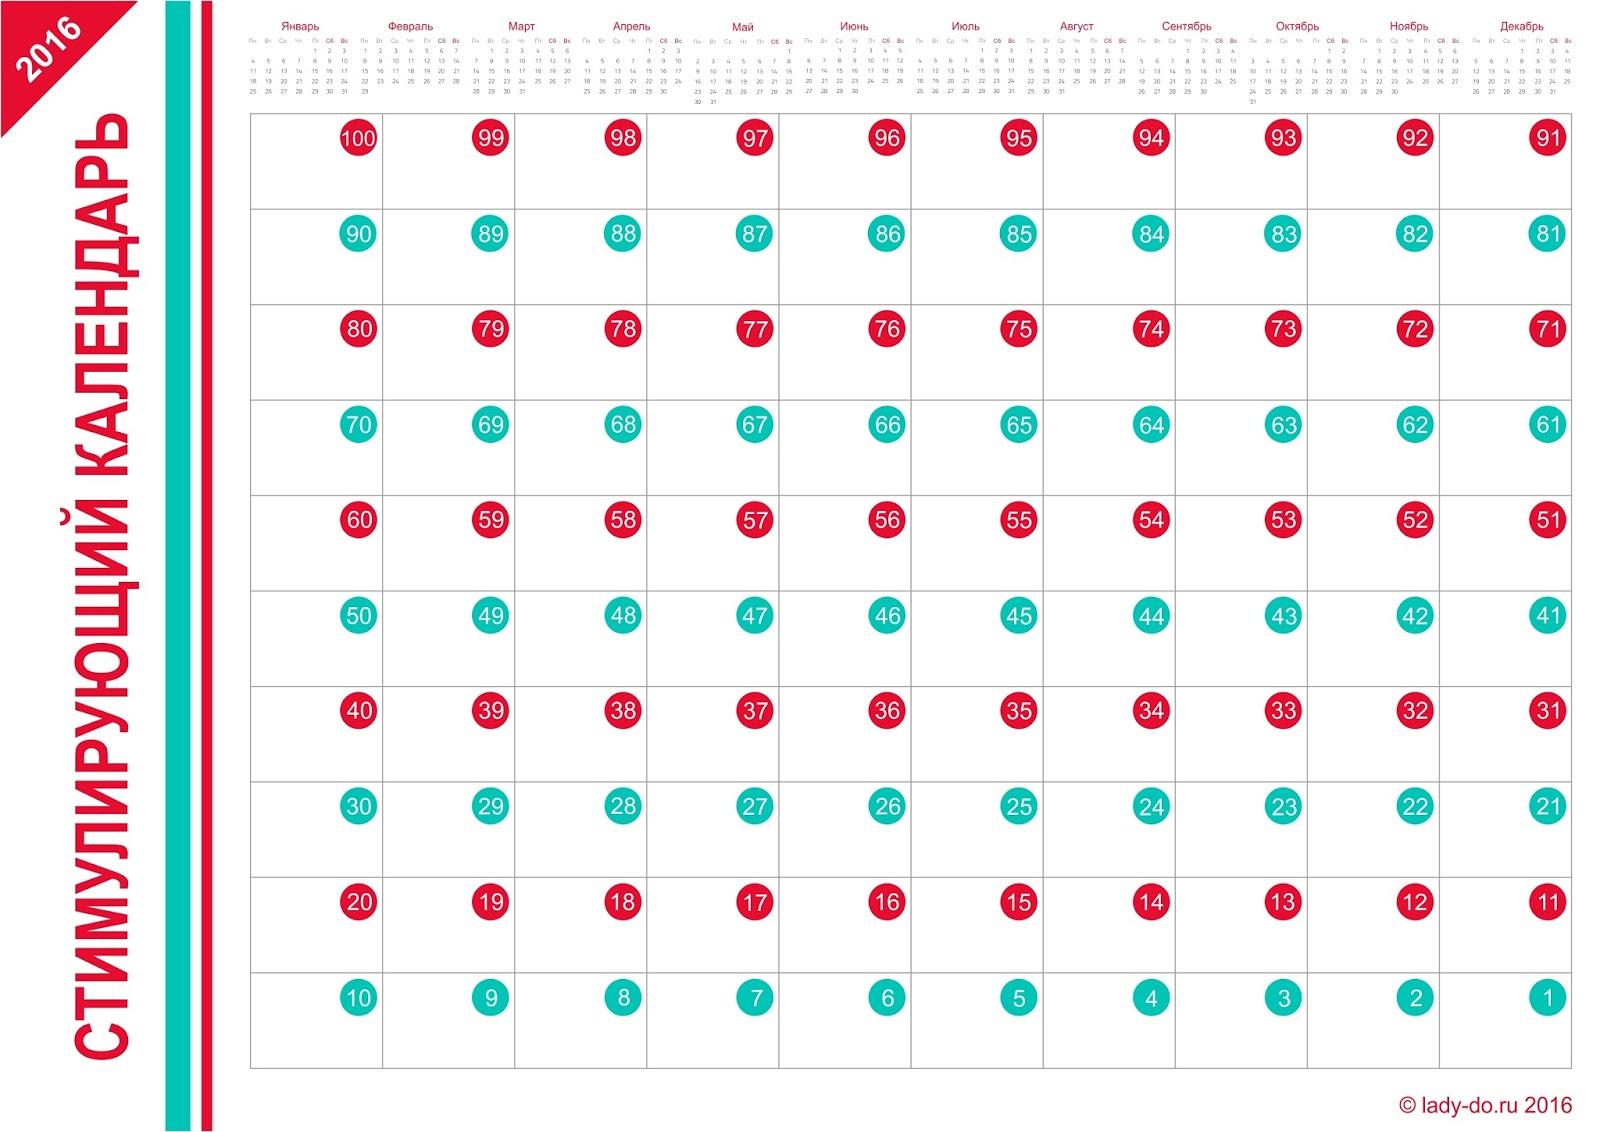 Календарь с обратным отсчетом